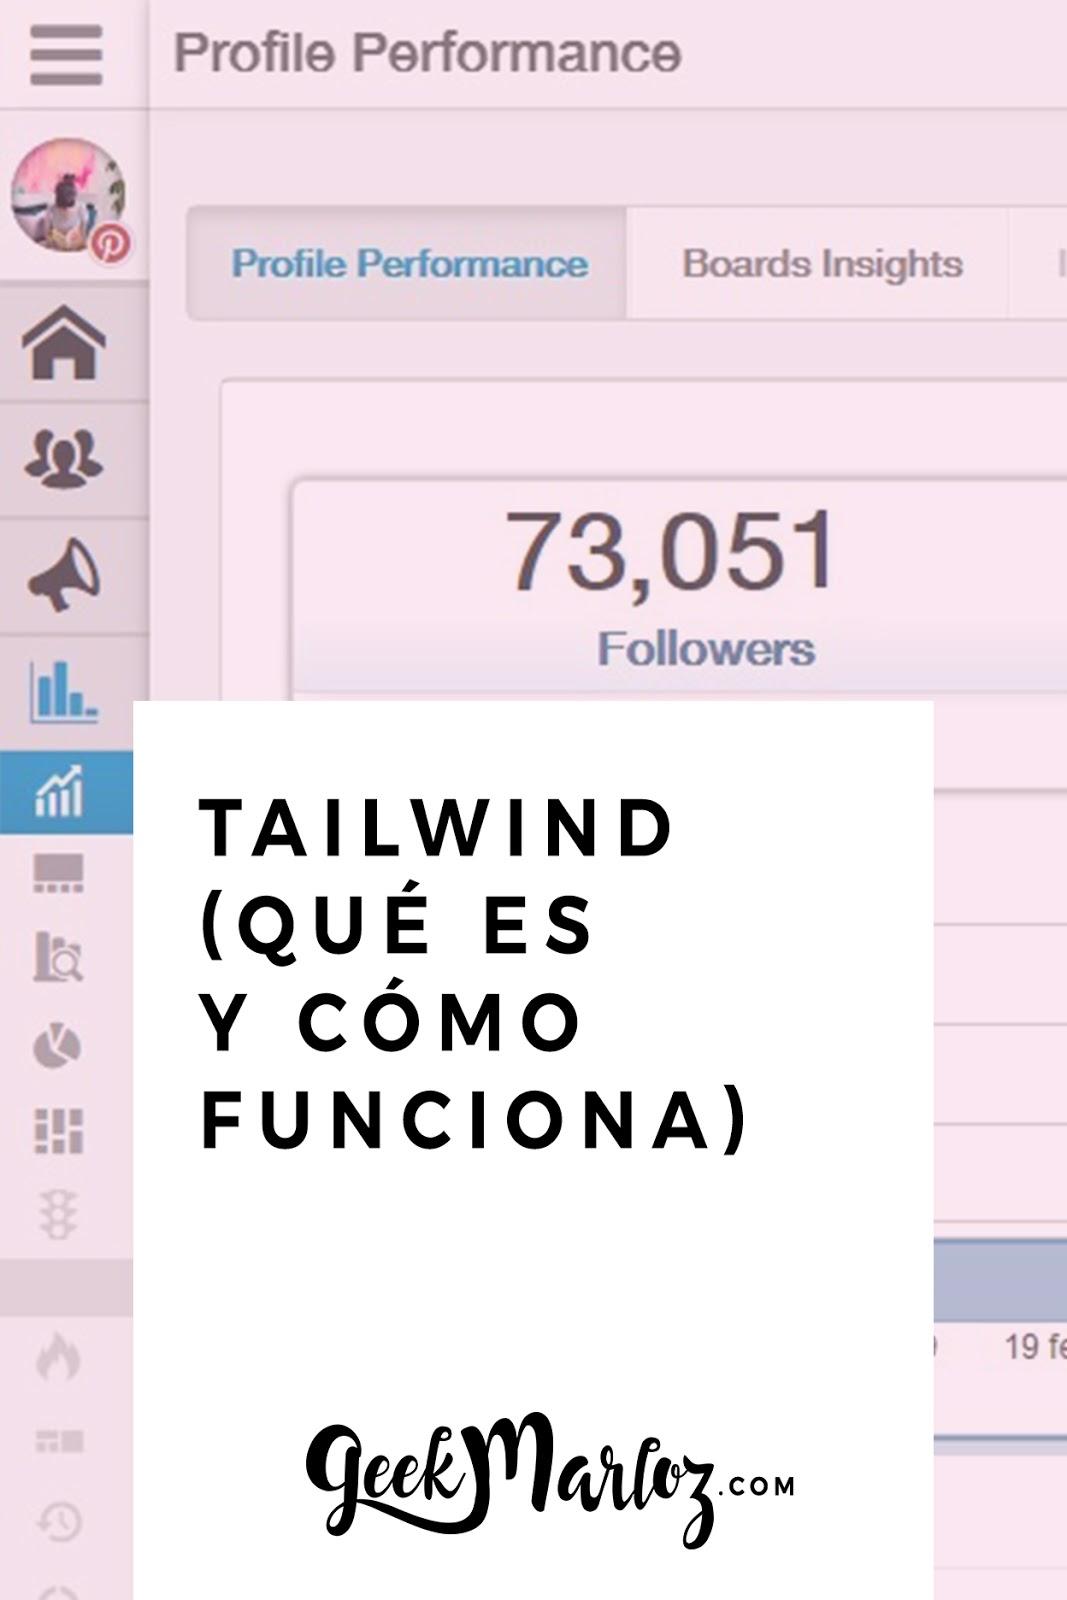 Tailwind (qué es y cómo funciona)